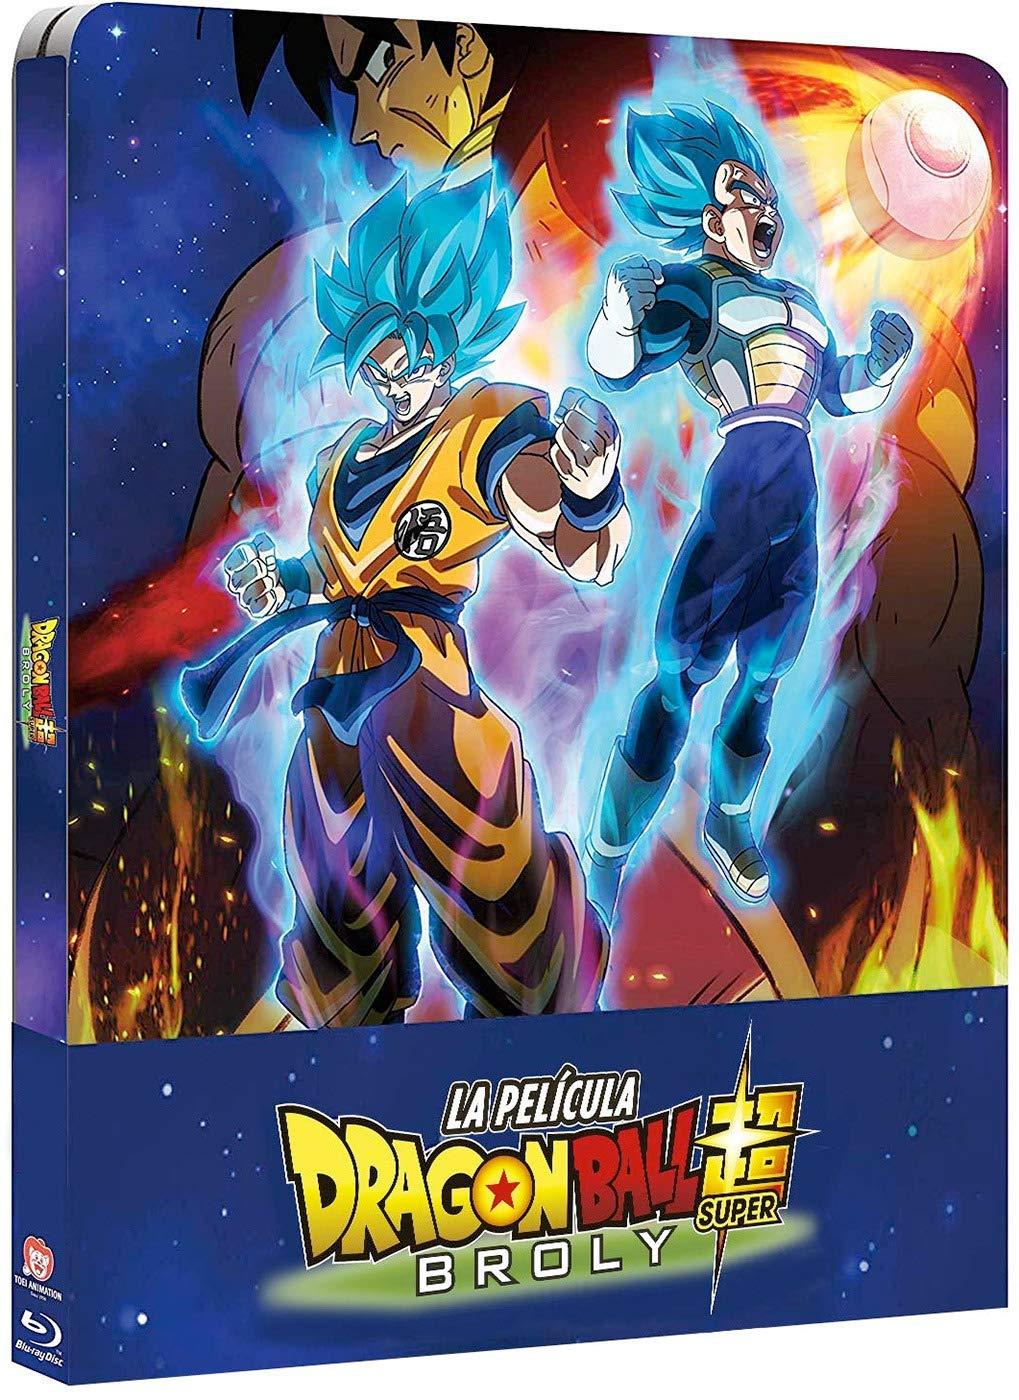 Dragon Ball Super Broly Bd Caja Metálica [Blu-ray]: Amazon.es: Animación, Tatsuya Nagamine, Animación: Cine y Series TV